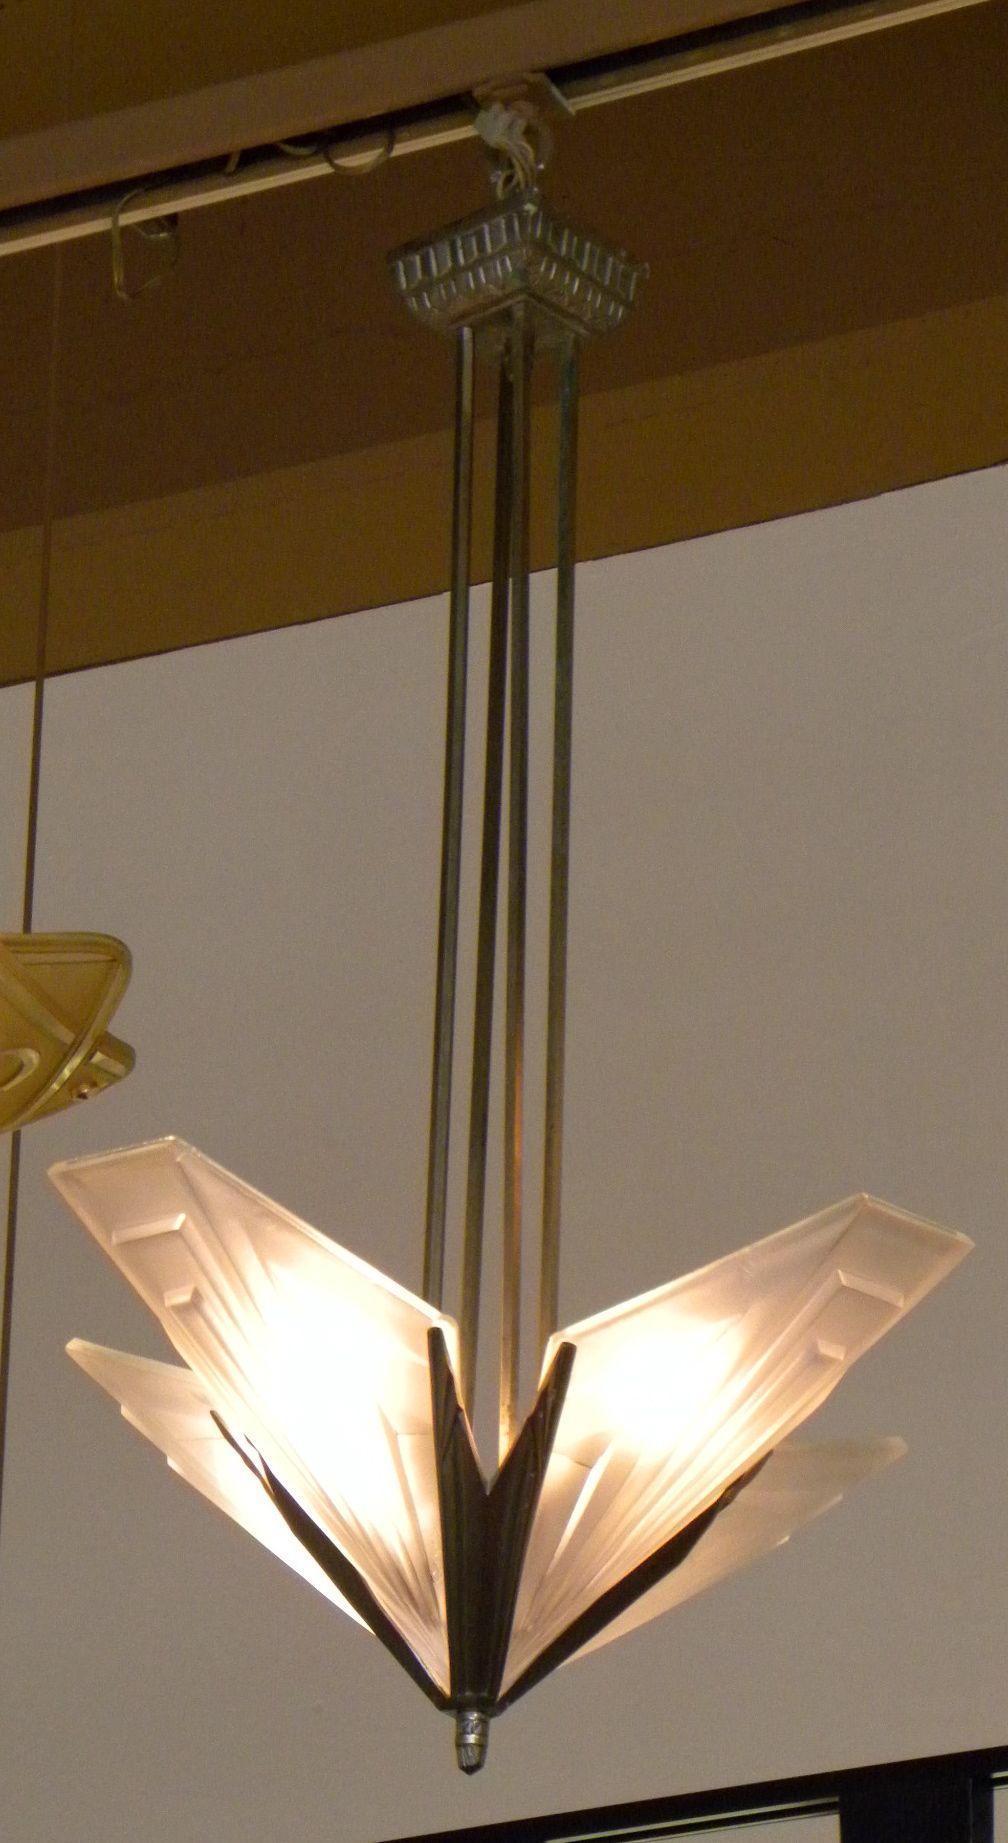 art deco modernist degue starburst hanging ceiling light sold items chandeliers art deco. Black Bedroom Furniture Sets. Home Design Ideas